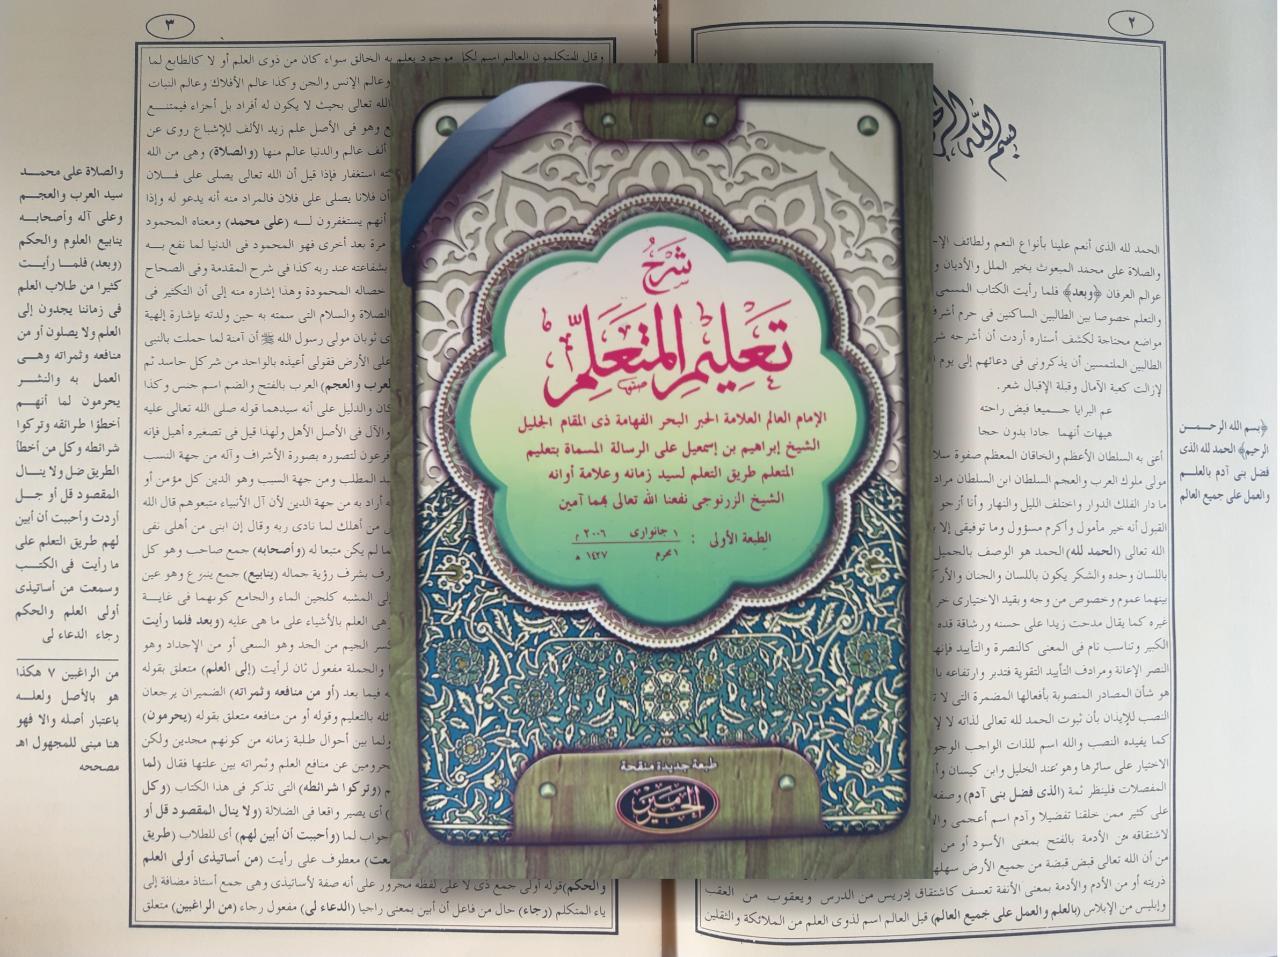 mengenal kitab ta'limul al-muta'alim